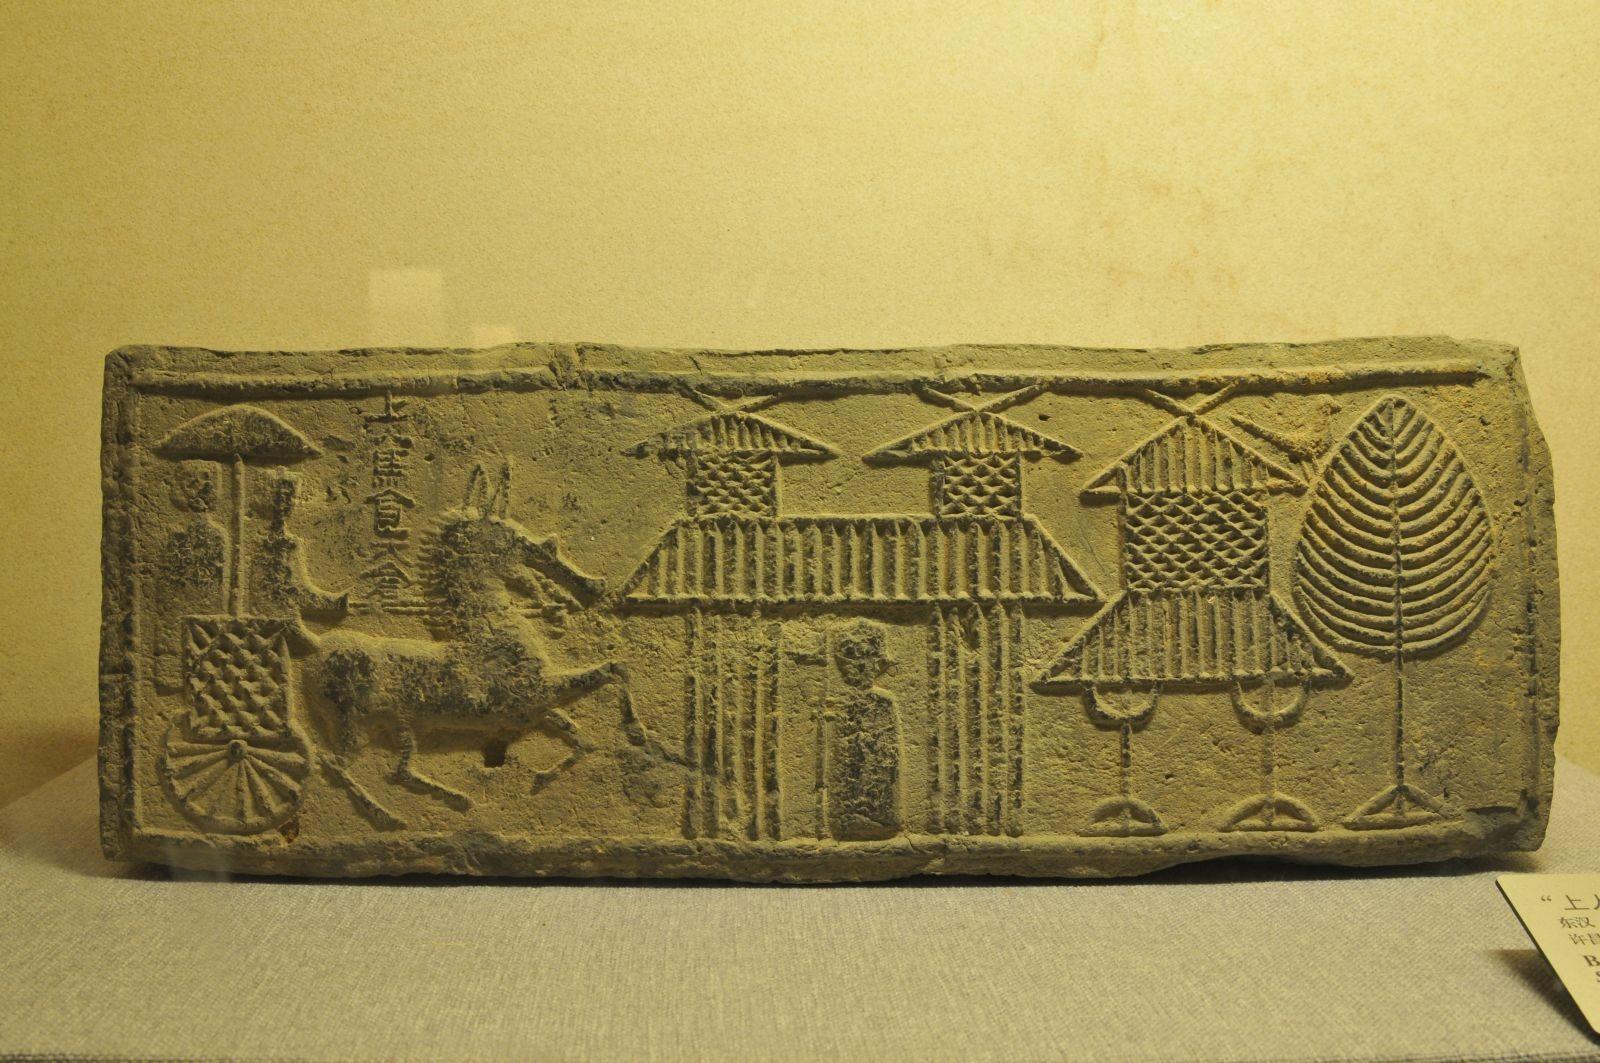 Mattone con decorazioni figurative e inscrizione - Dinastia Han Orientali (25-220 d.C.)